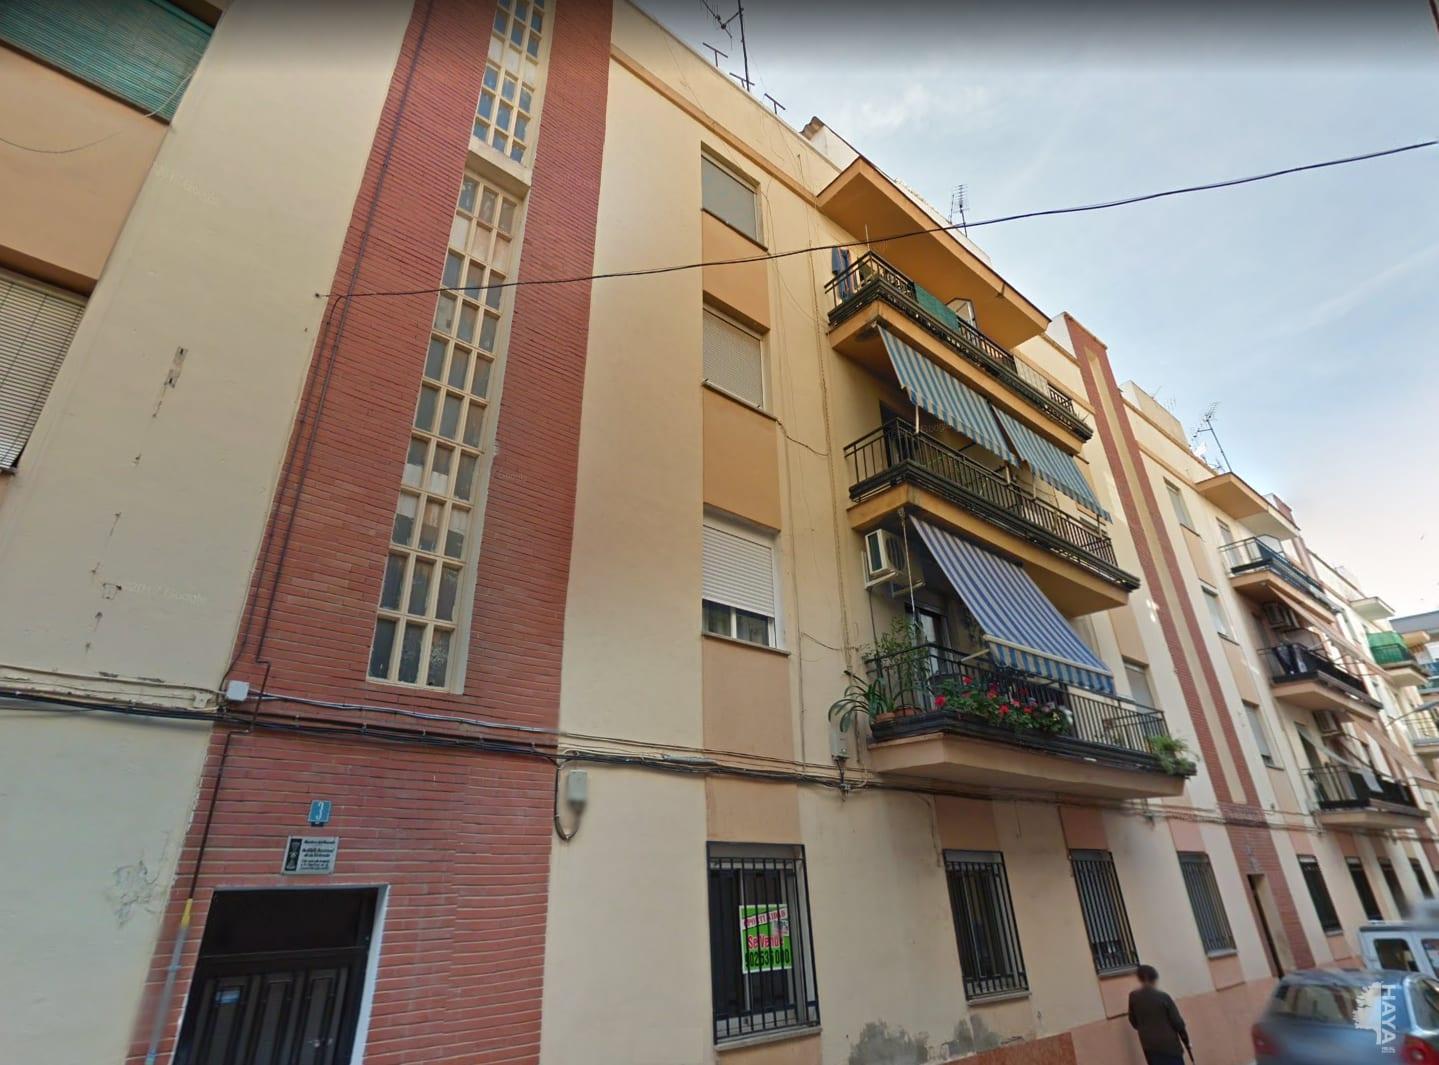 Piso en venta en Poblados Marítimos, Burriana, Castellón, Calle Santa Matilde, 26.880 €, 3 habitaciones, 1 baño, 76 m2